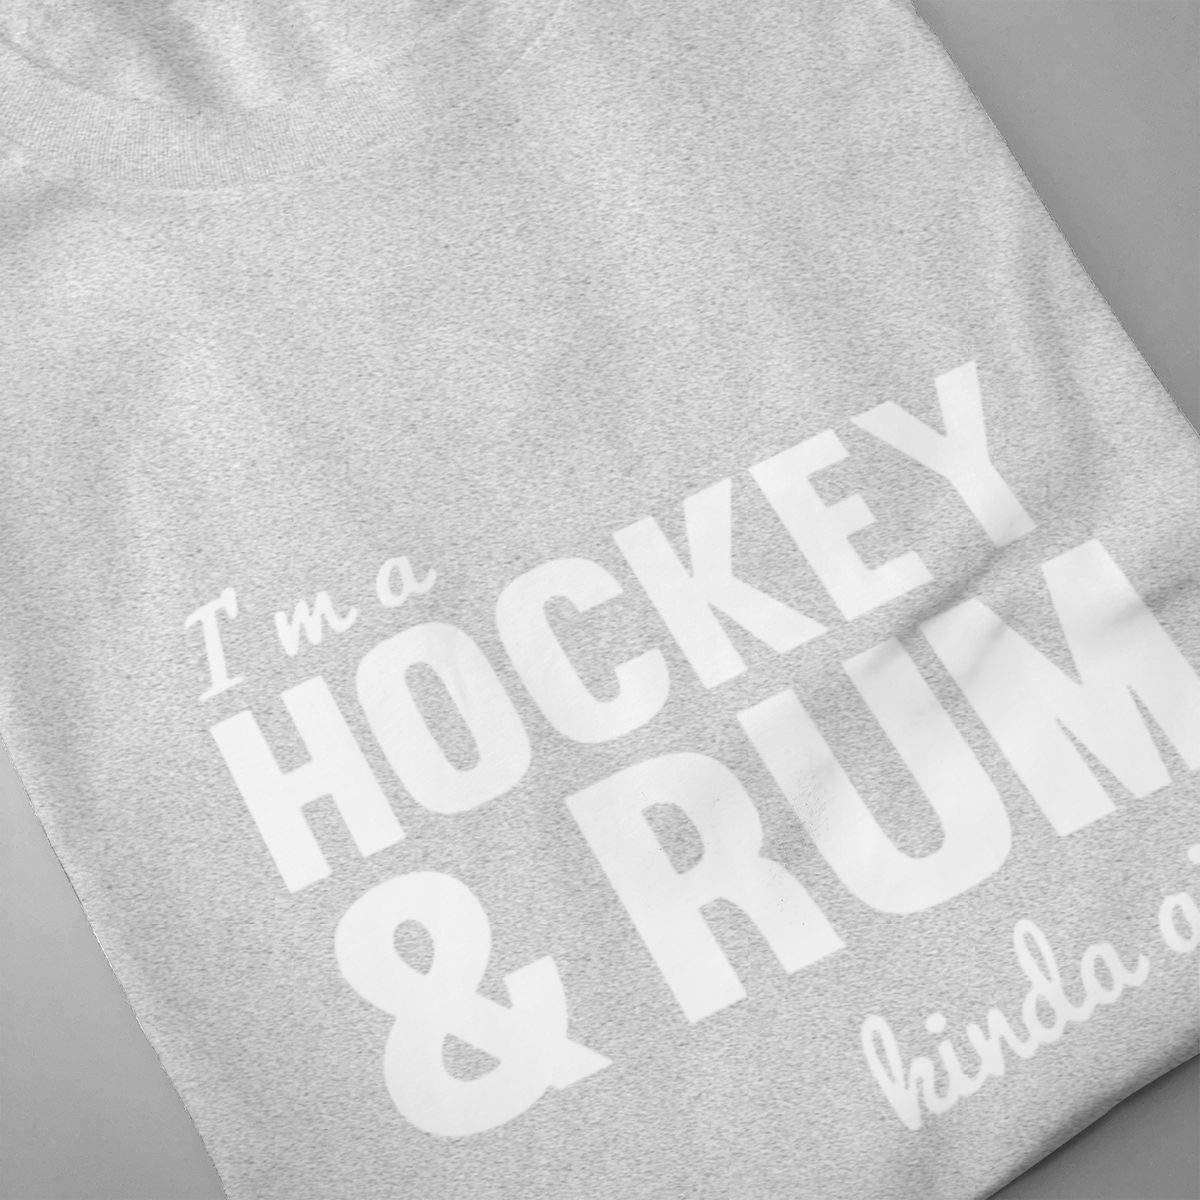 Luxendary Men Logo Hockey and Rum Hoodie Humor Tennis Round Neck Short Sleeve Shirt